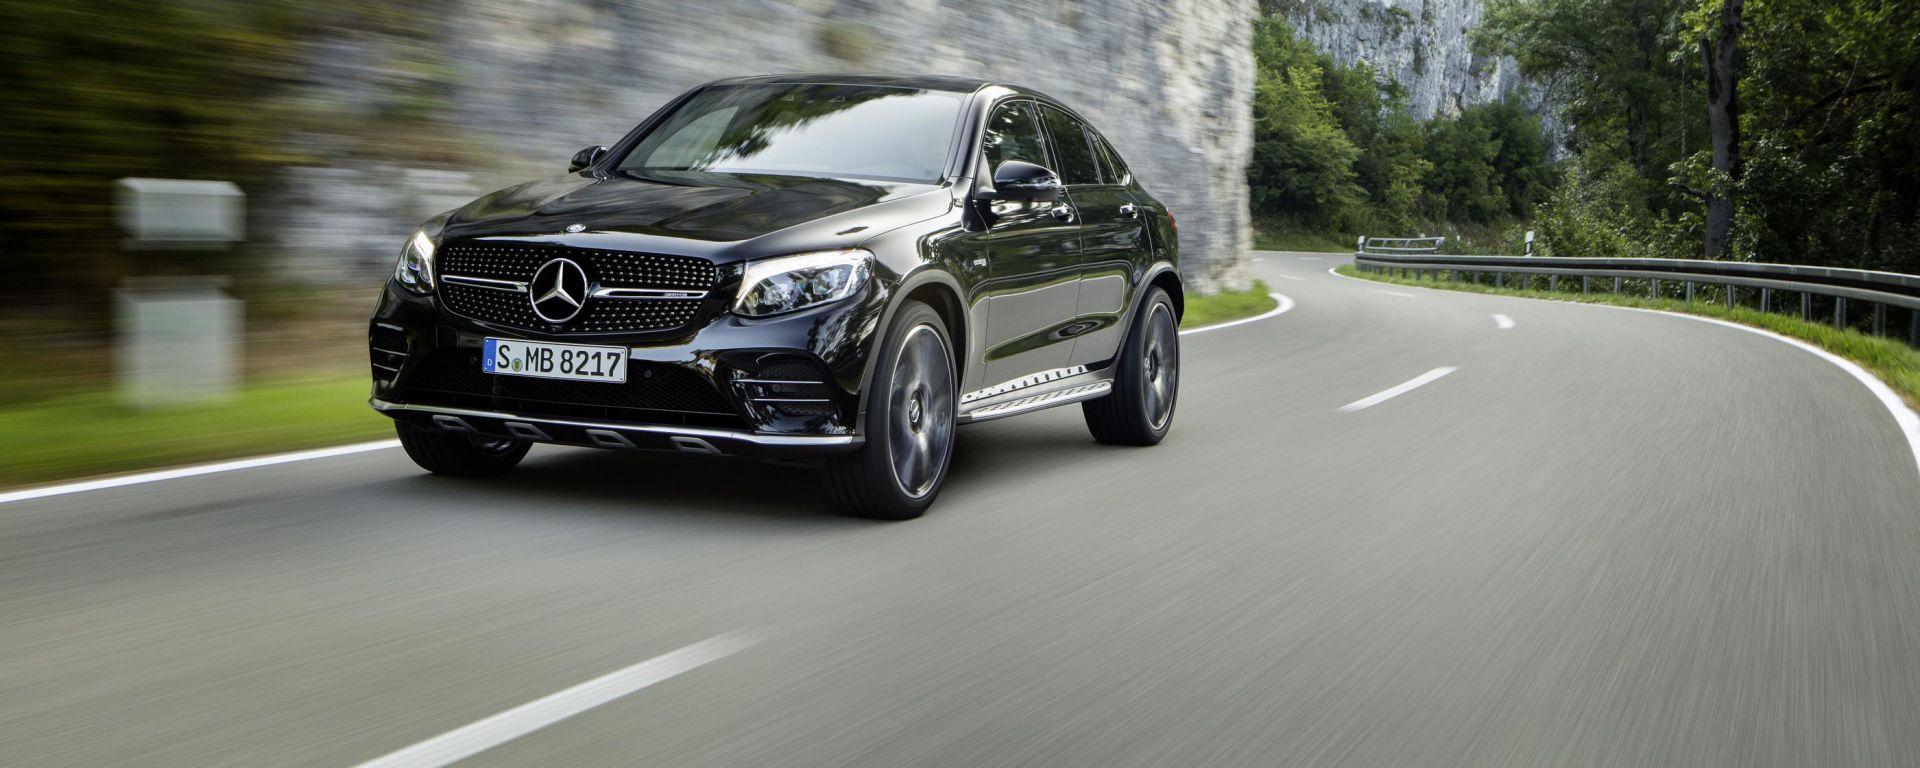 Mercedes-AMG GLC 43 Coupé: sotto il cofano batte il cuore dei 367 cv del 3.0 V6 biturbo